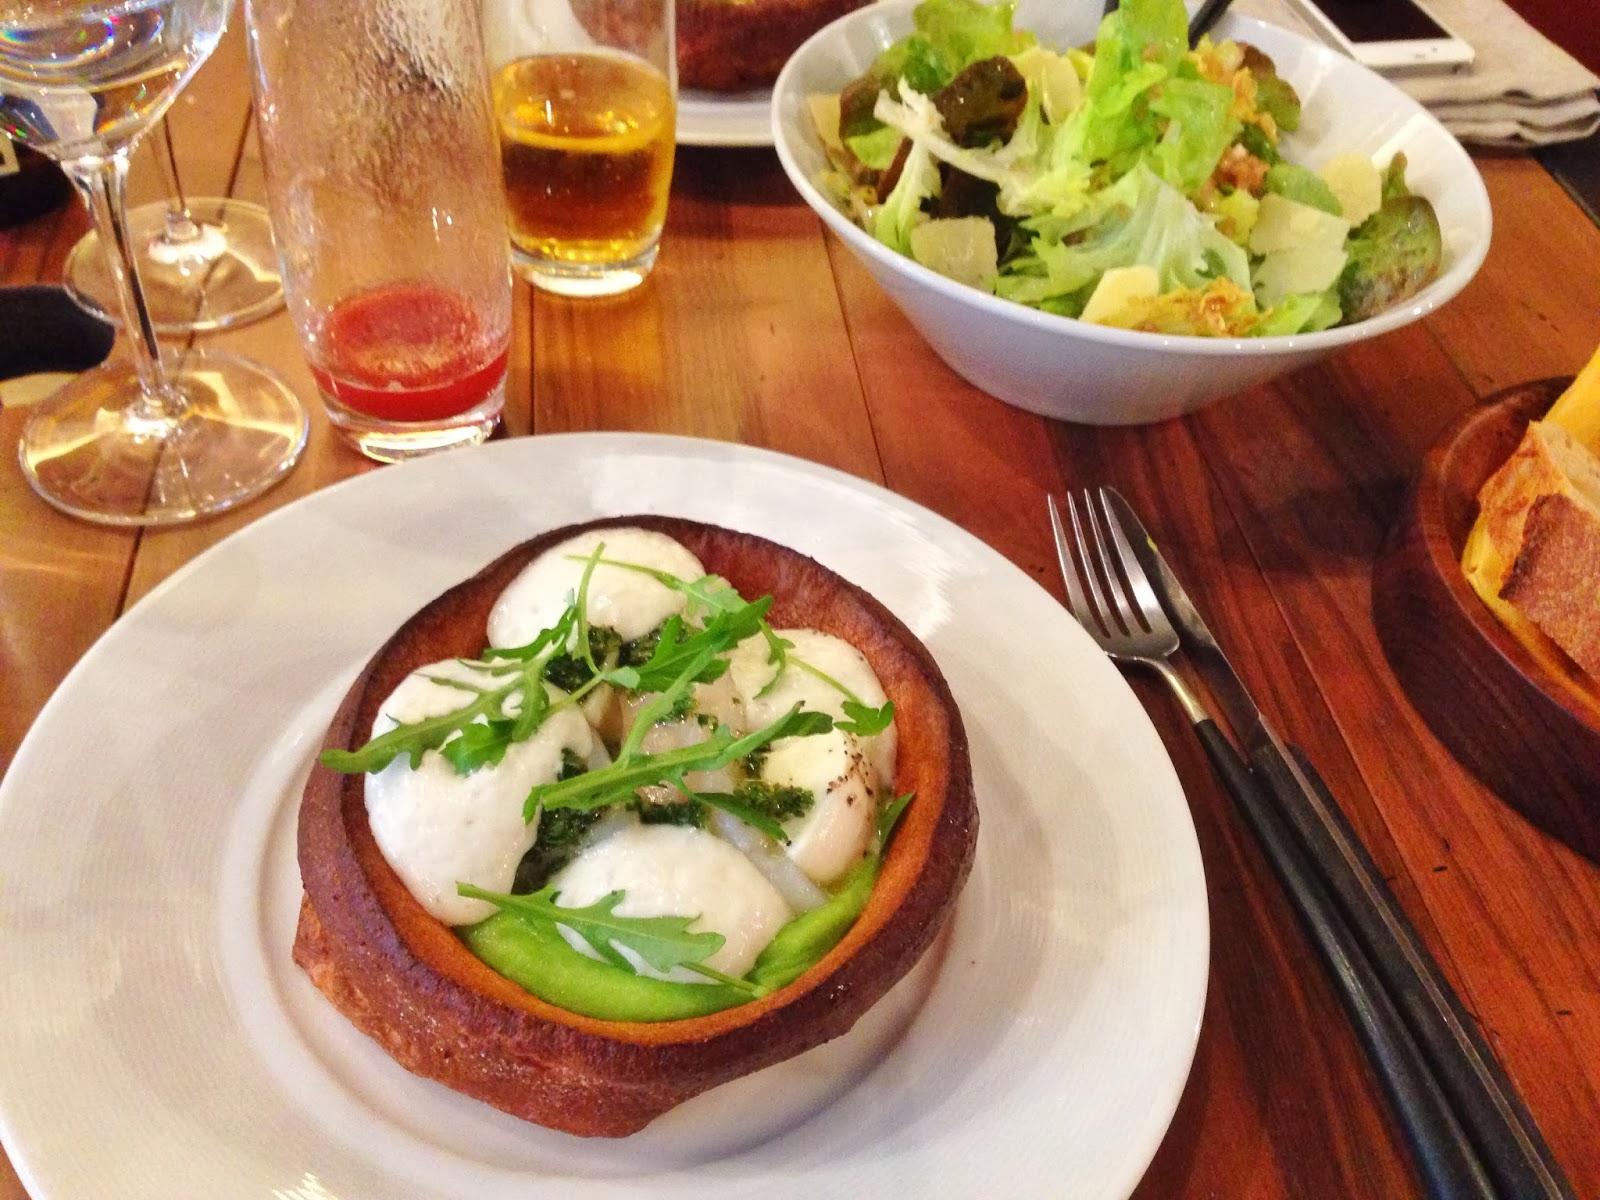 Pascade cuisine fran aise 2e arrondissement paris ci for Apprendre cuisine asiatique